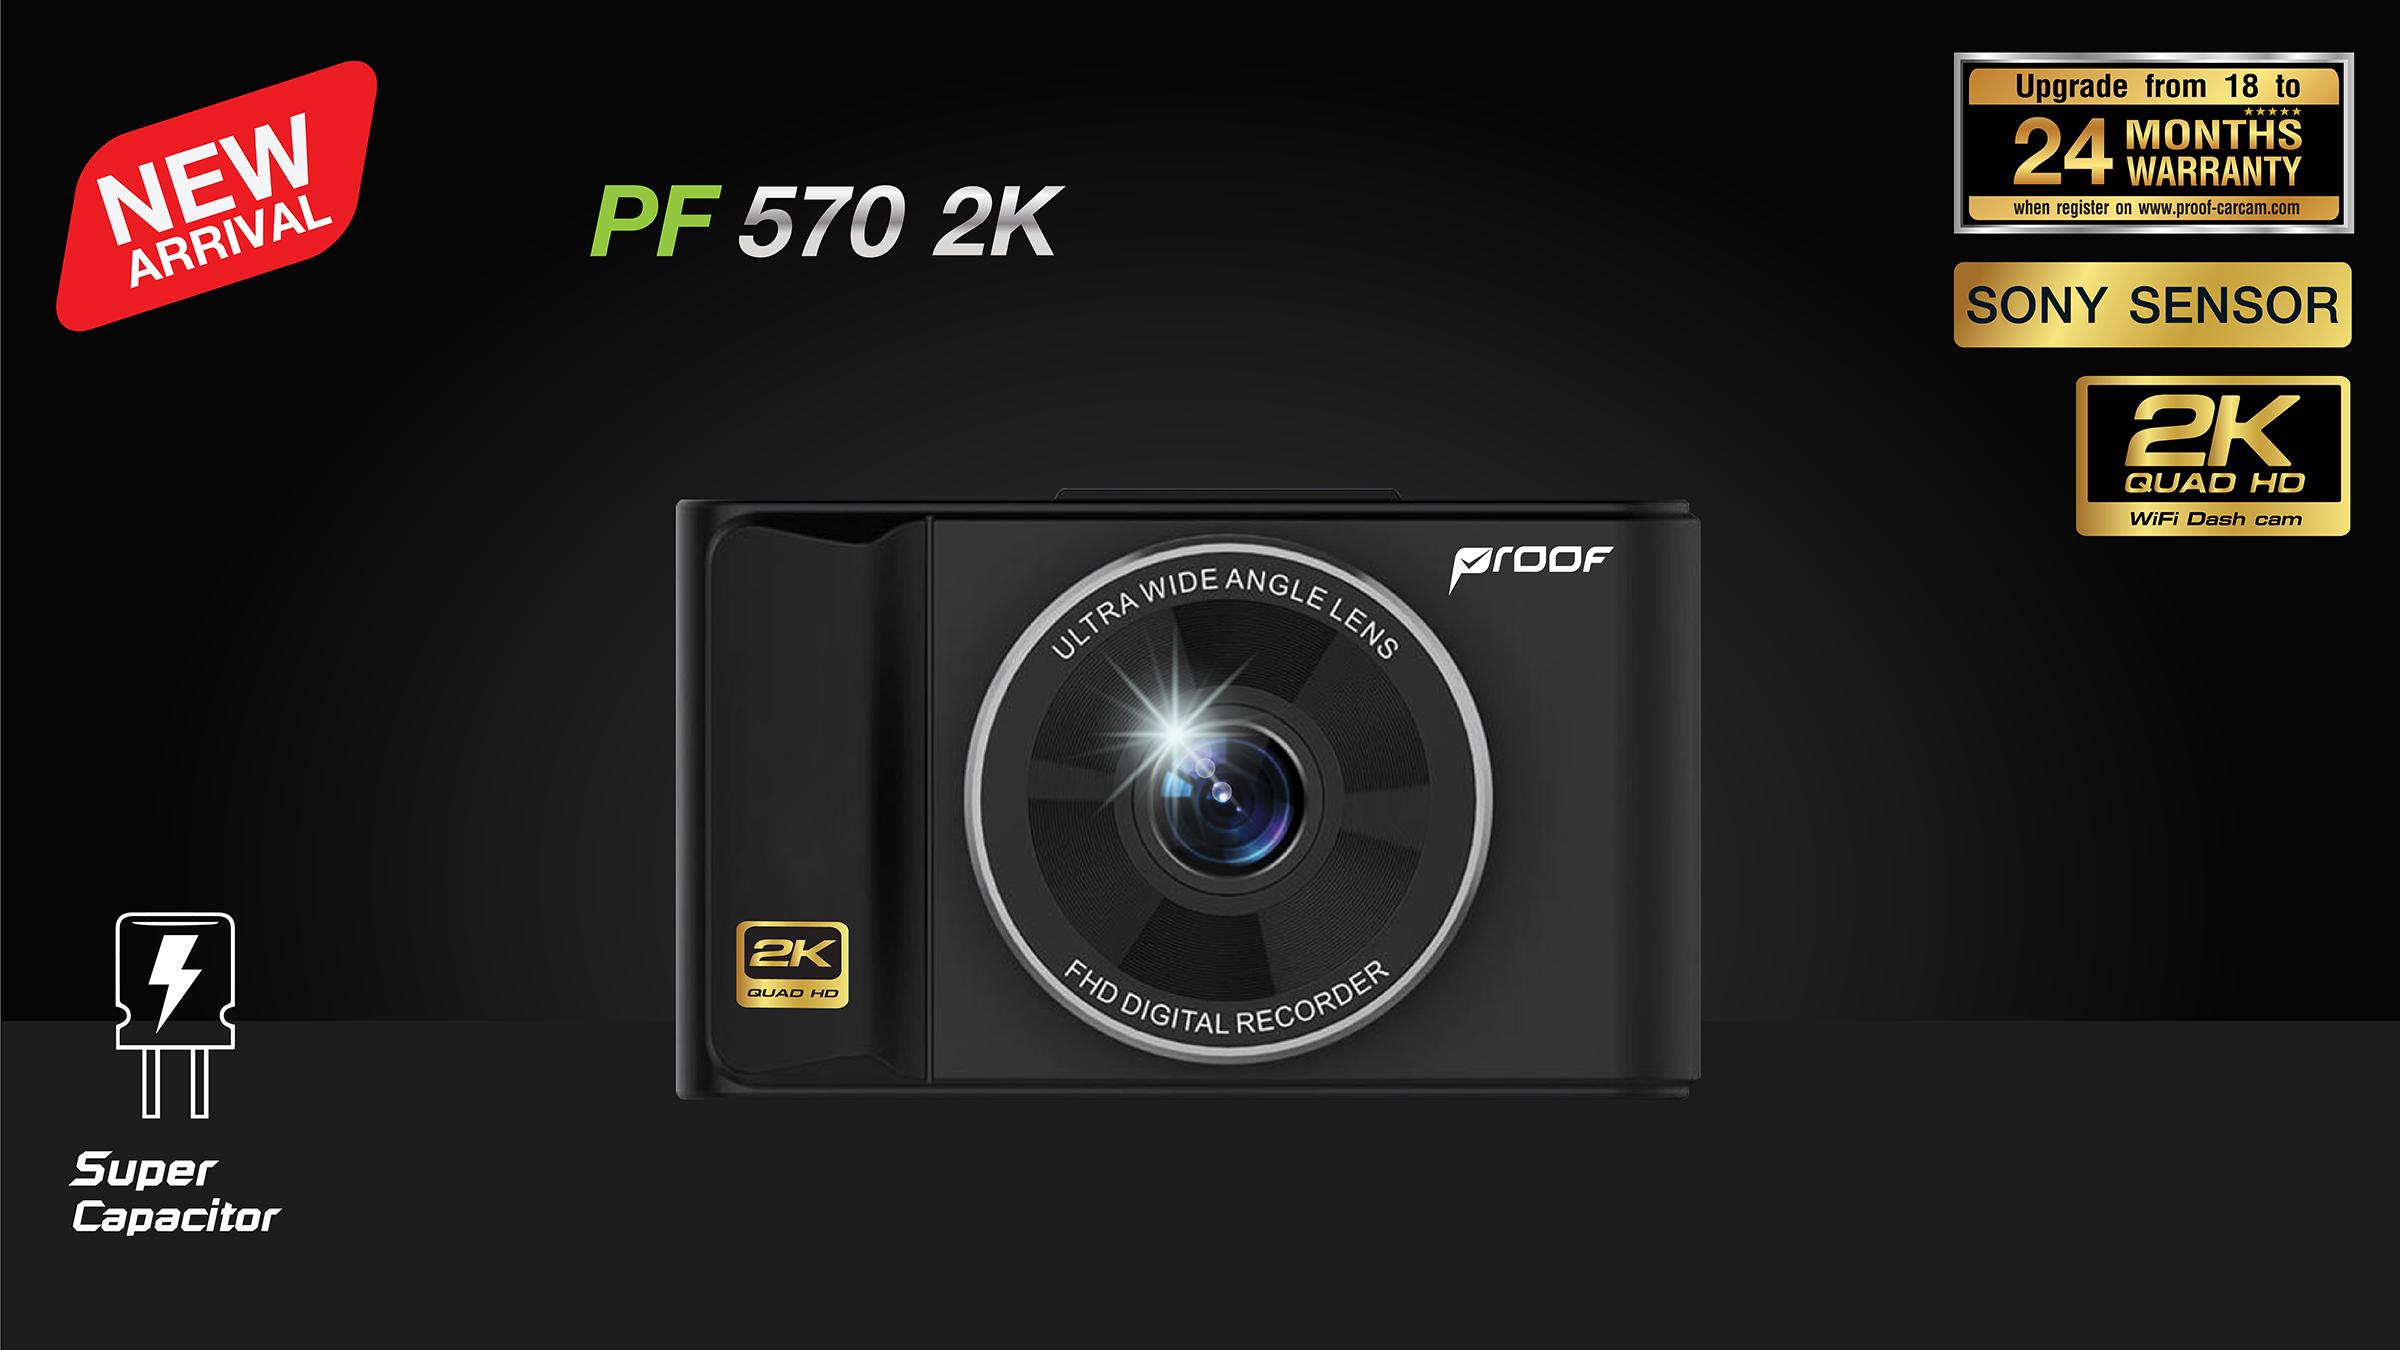 กล้องติดรถยนต์ PF570 2K – QUAD HD